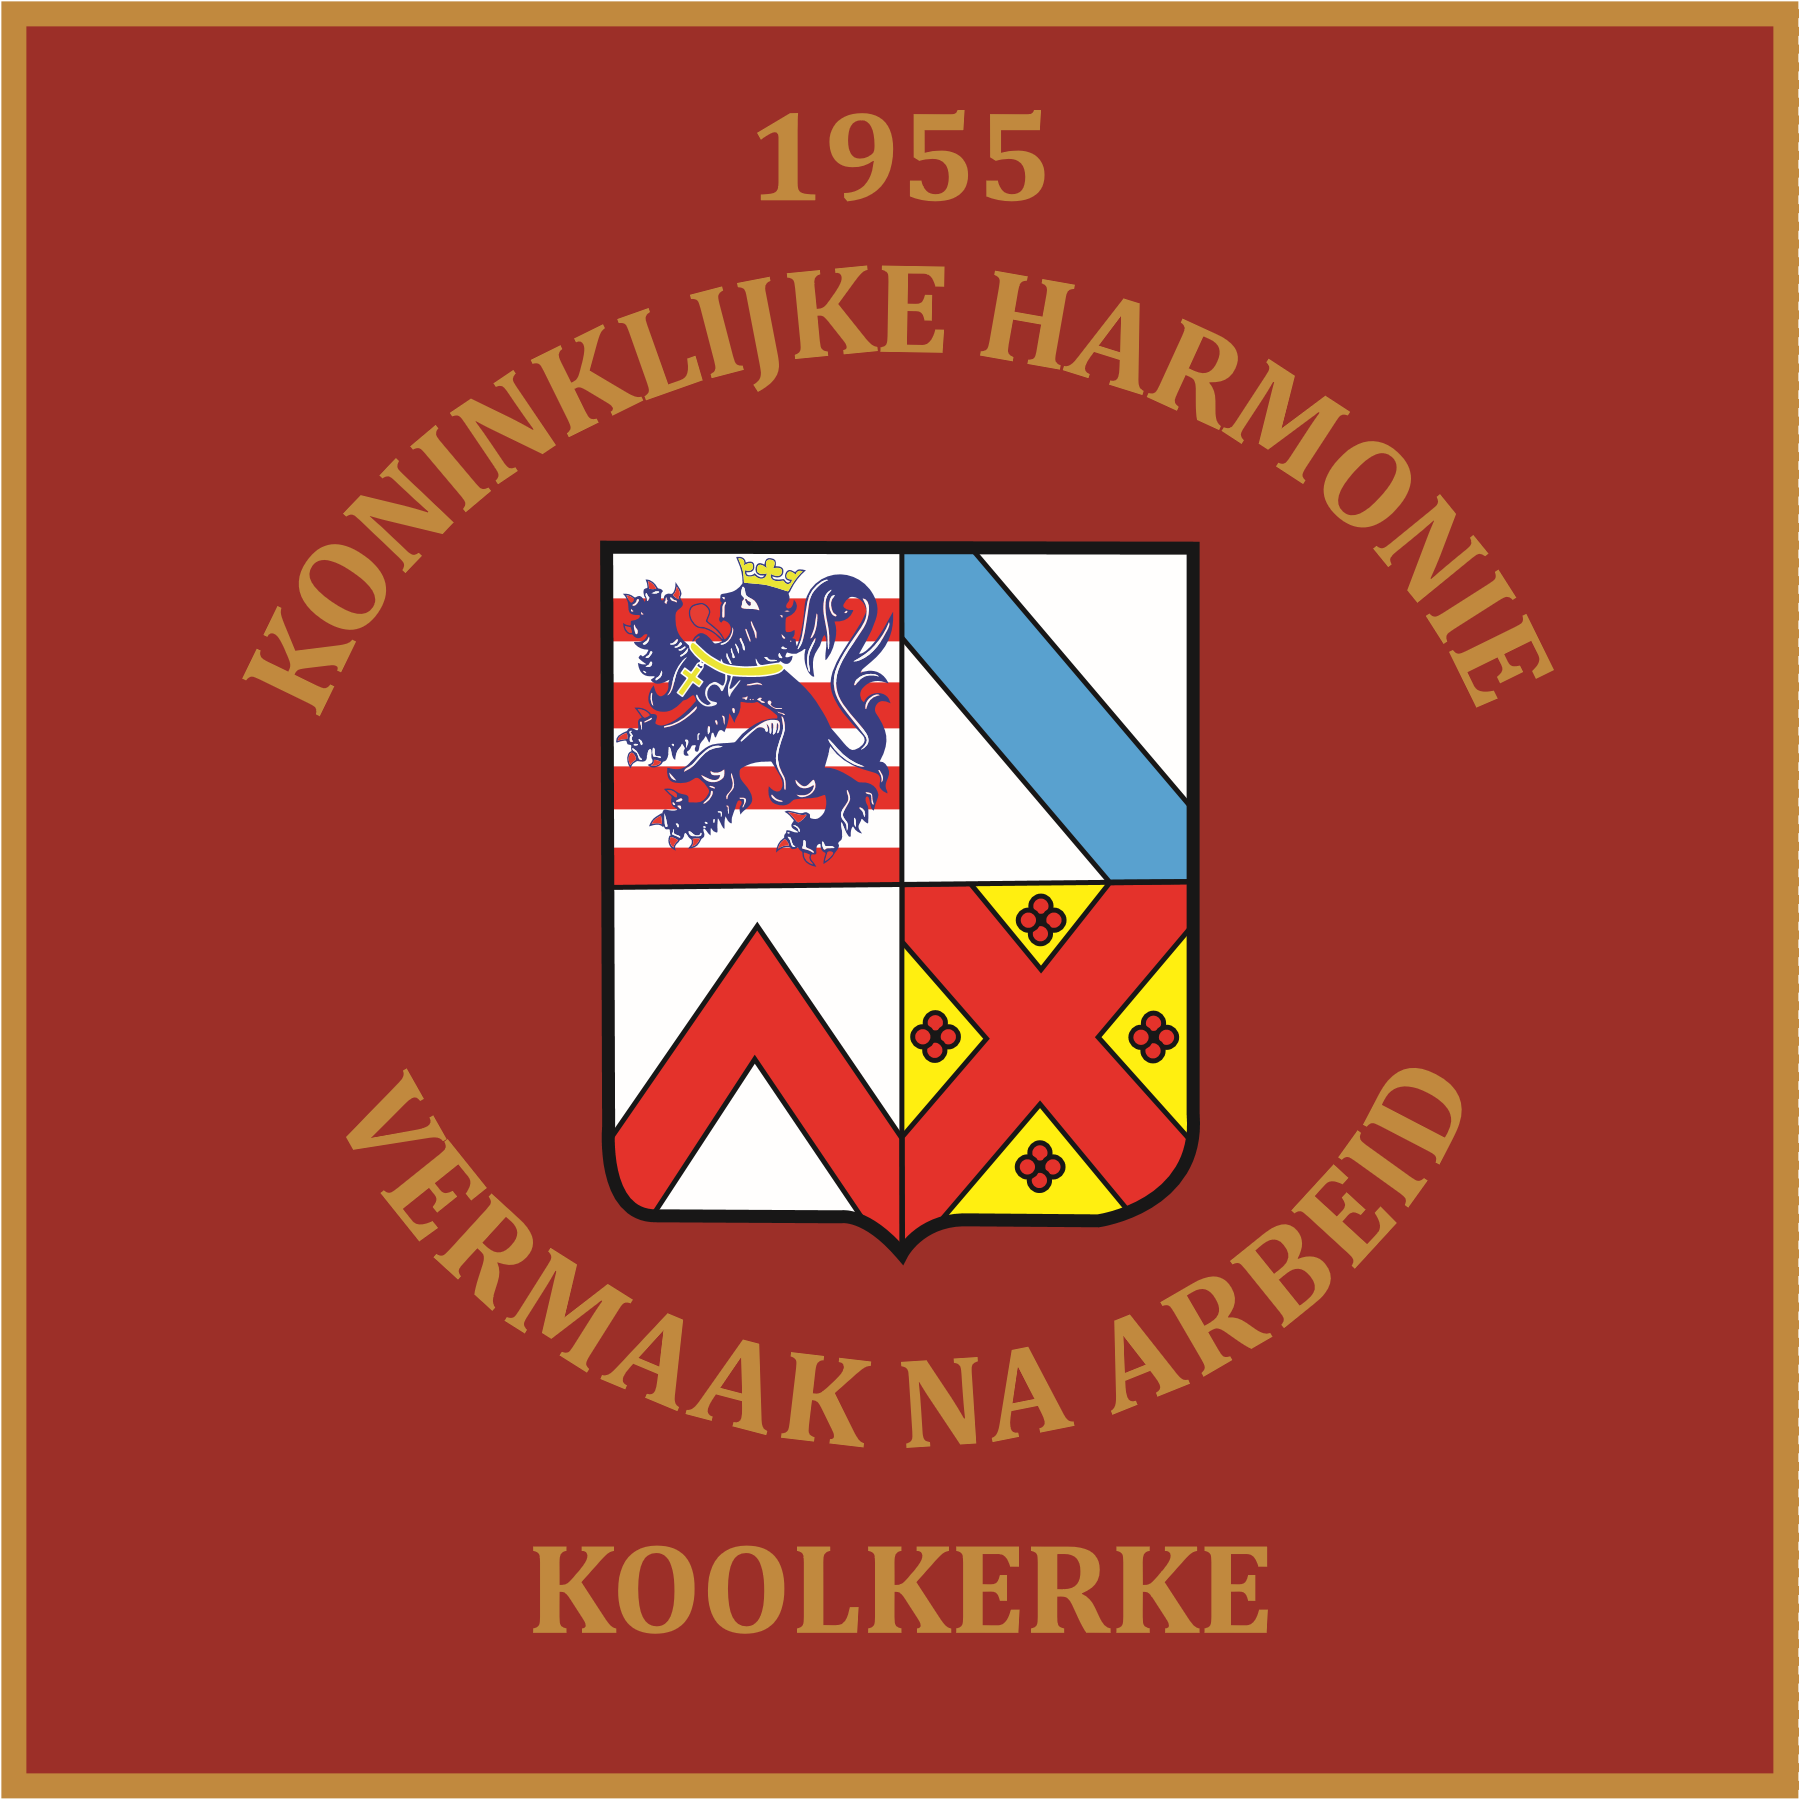 Koninklijke Harmonie Vermaak Na Arbeid Koolkerke